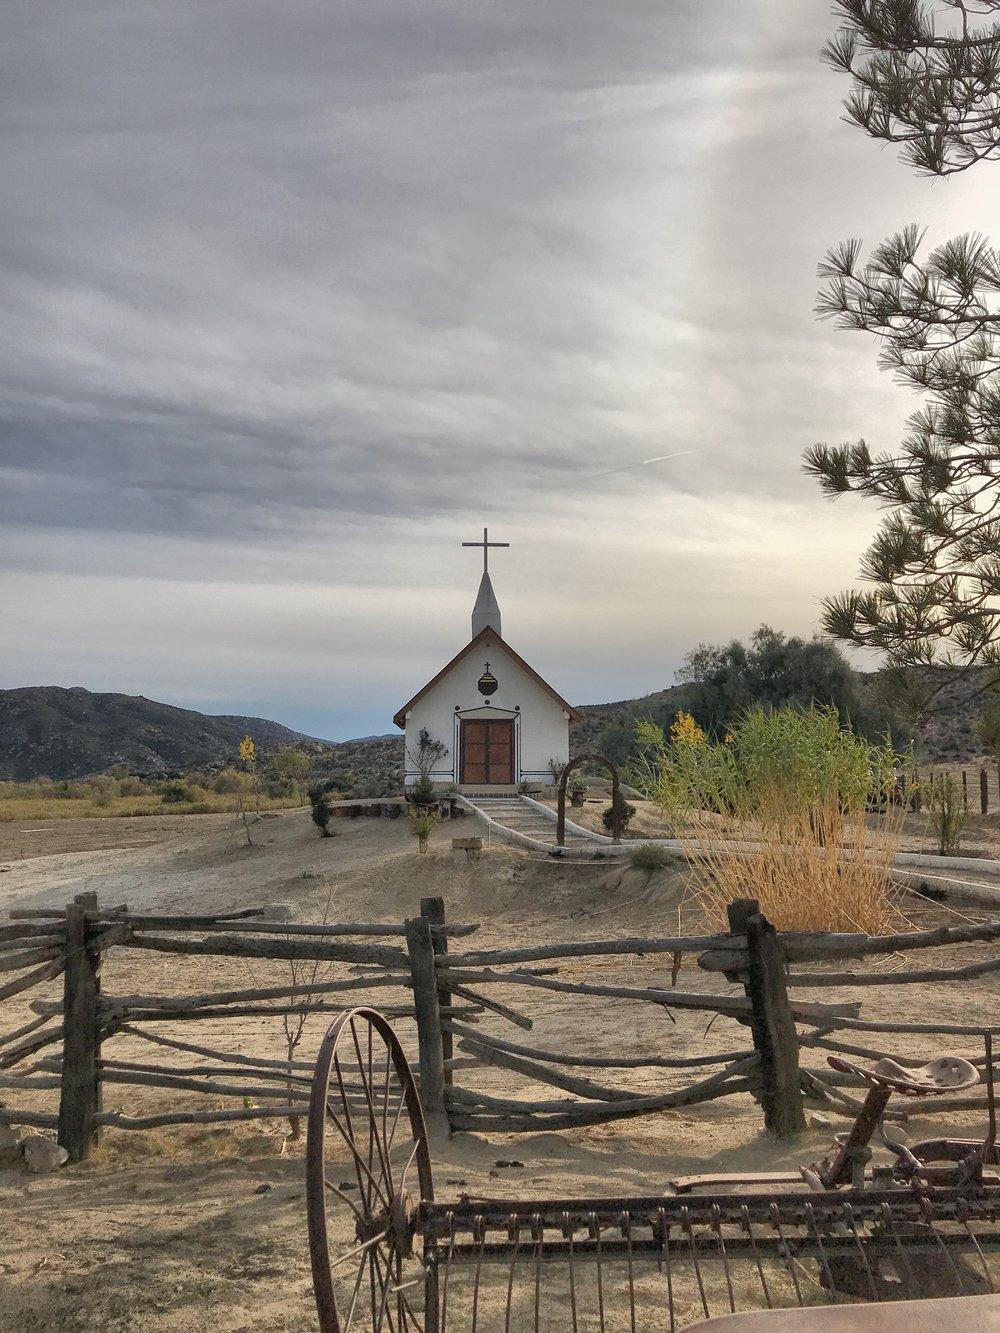 The church at Rancho Meling.